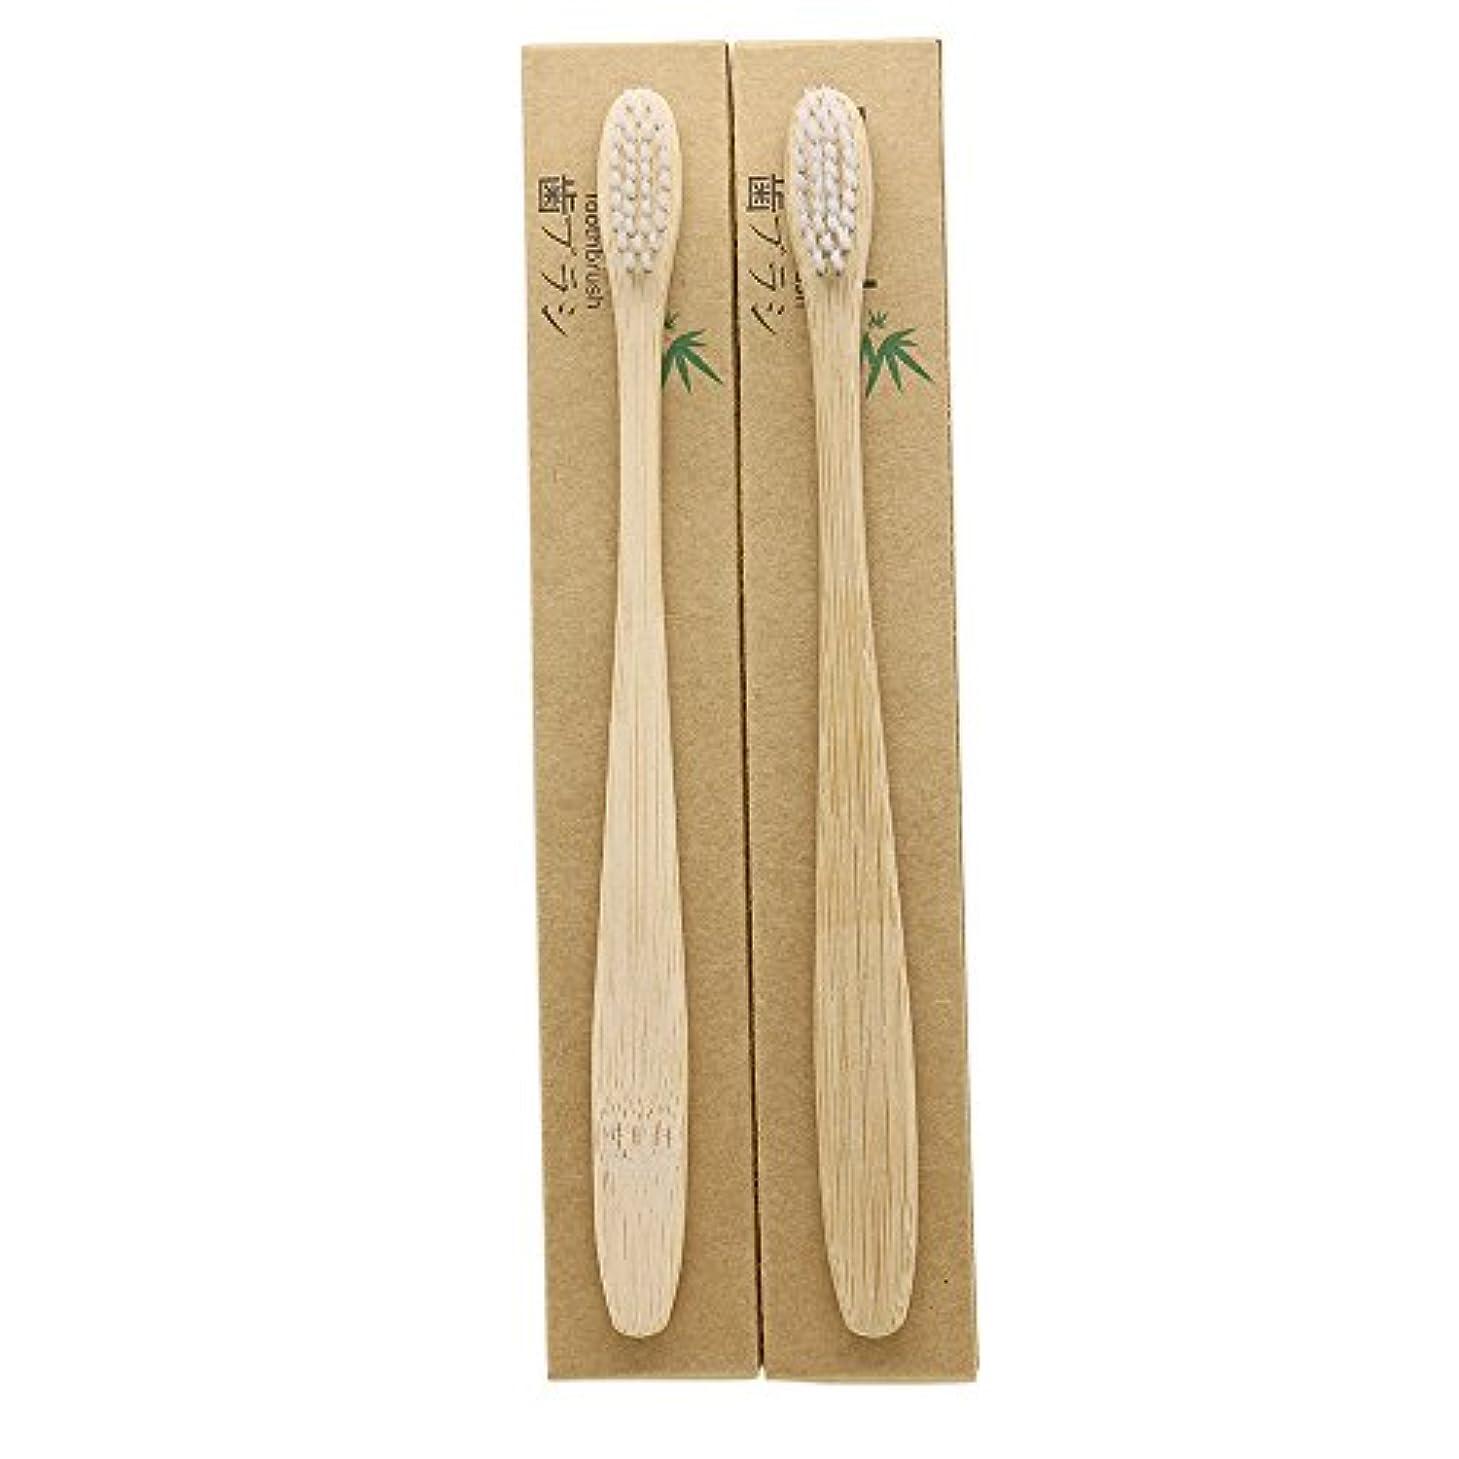 漁師アライアンス不均一N-amboo 竹製耐久度高い 歯ブラシ 2本入り セット エコ ヘッド小さい 白い